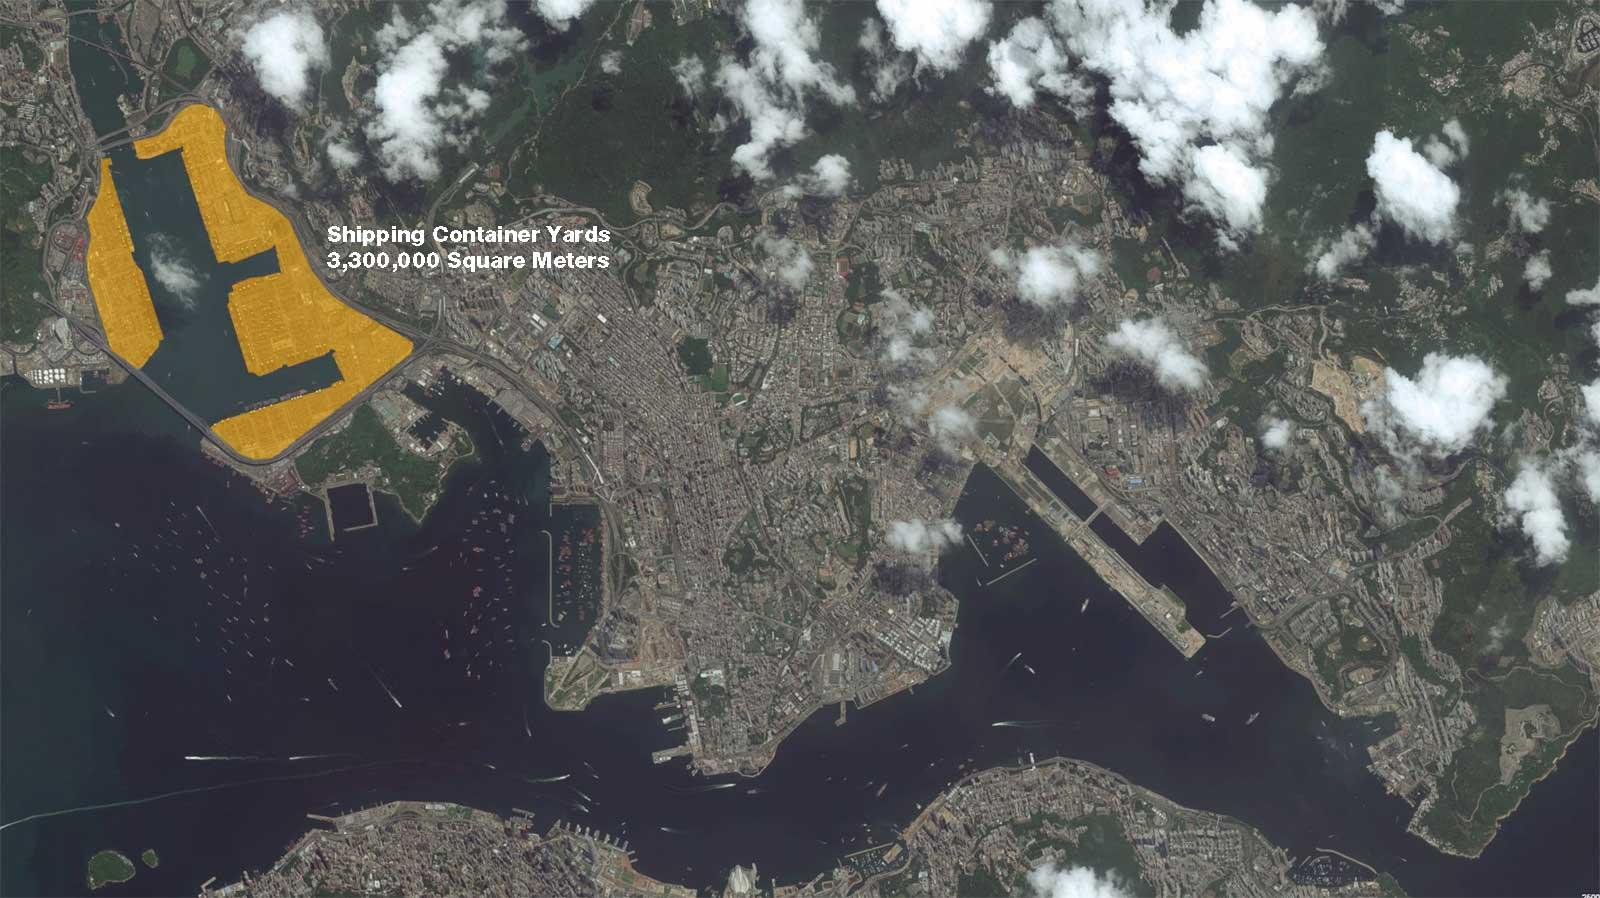 Hong Kong Shipping Container Yard